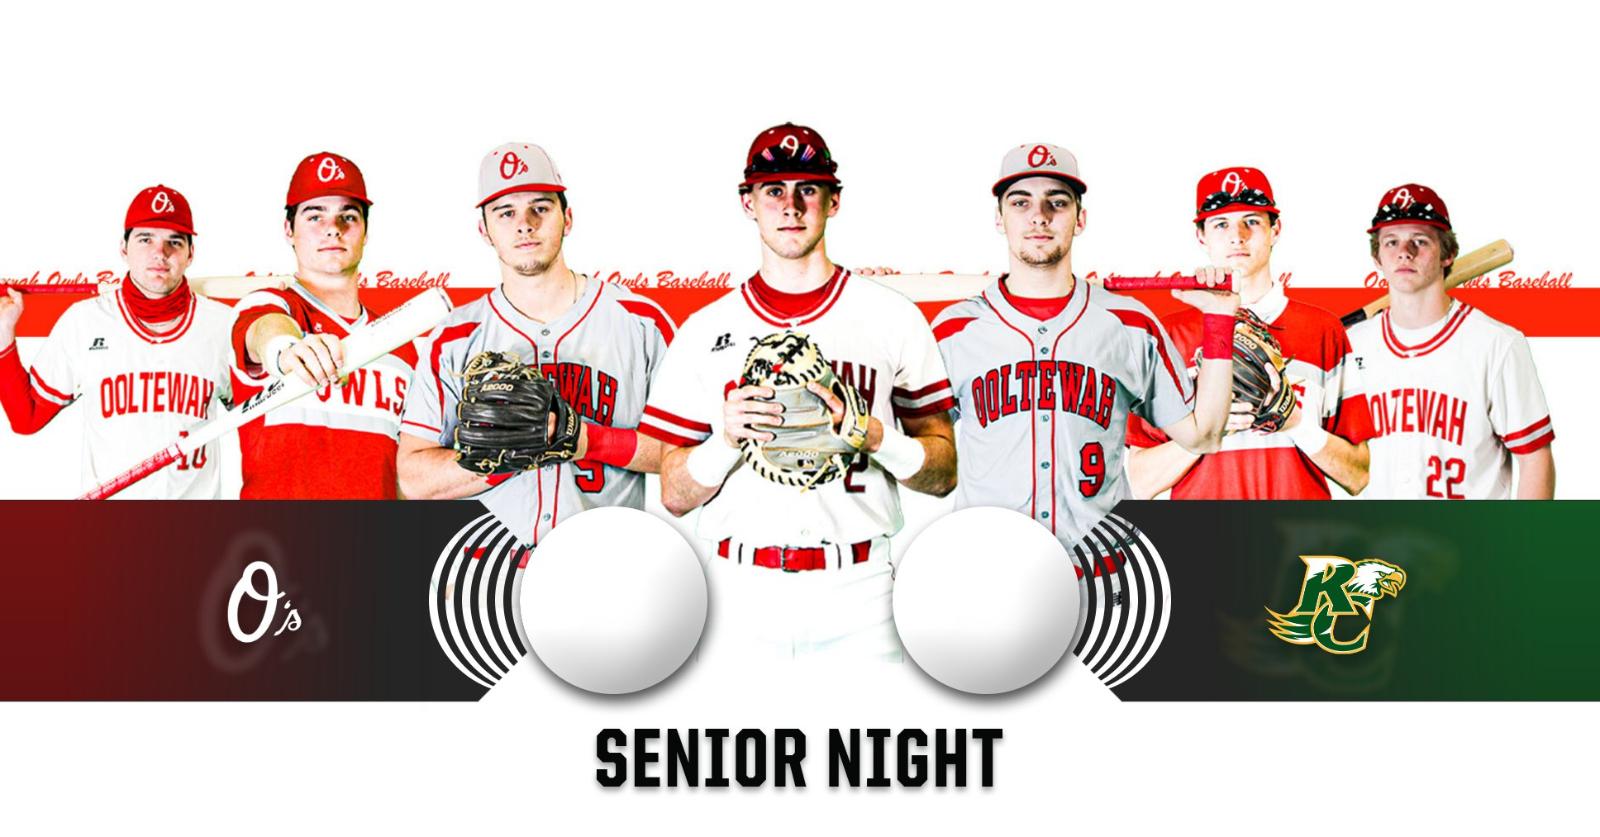 Ooltewah Baseball Senior Night, Tonight at 6:15